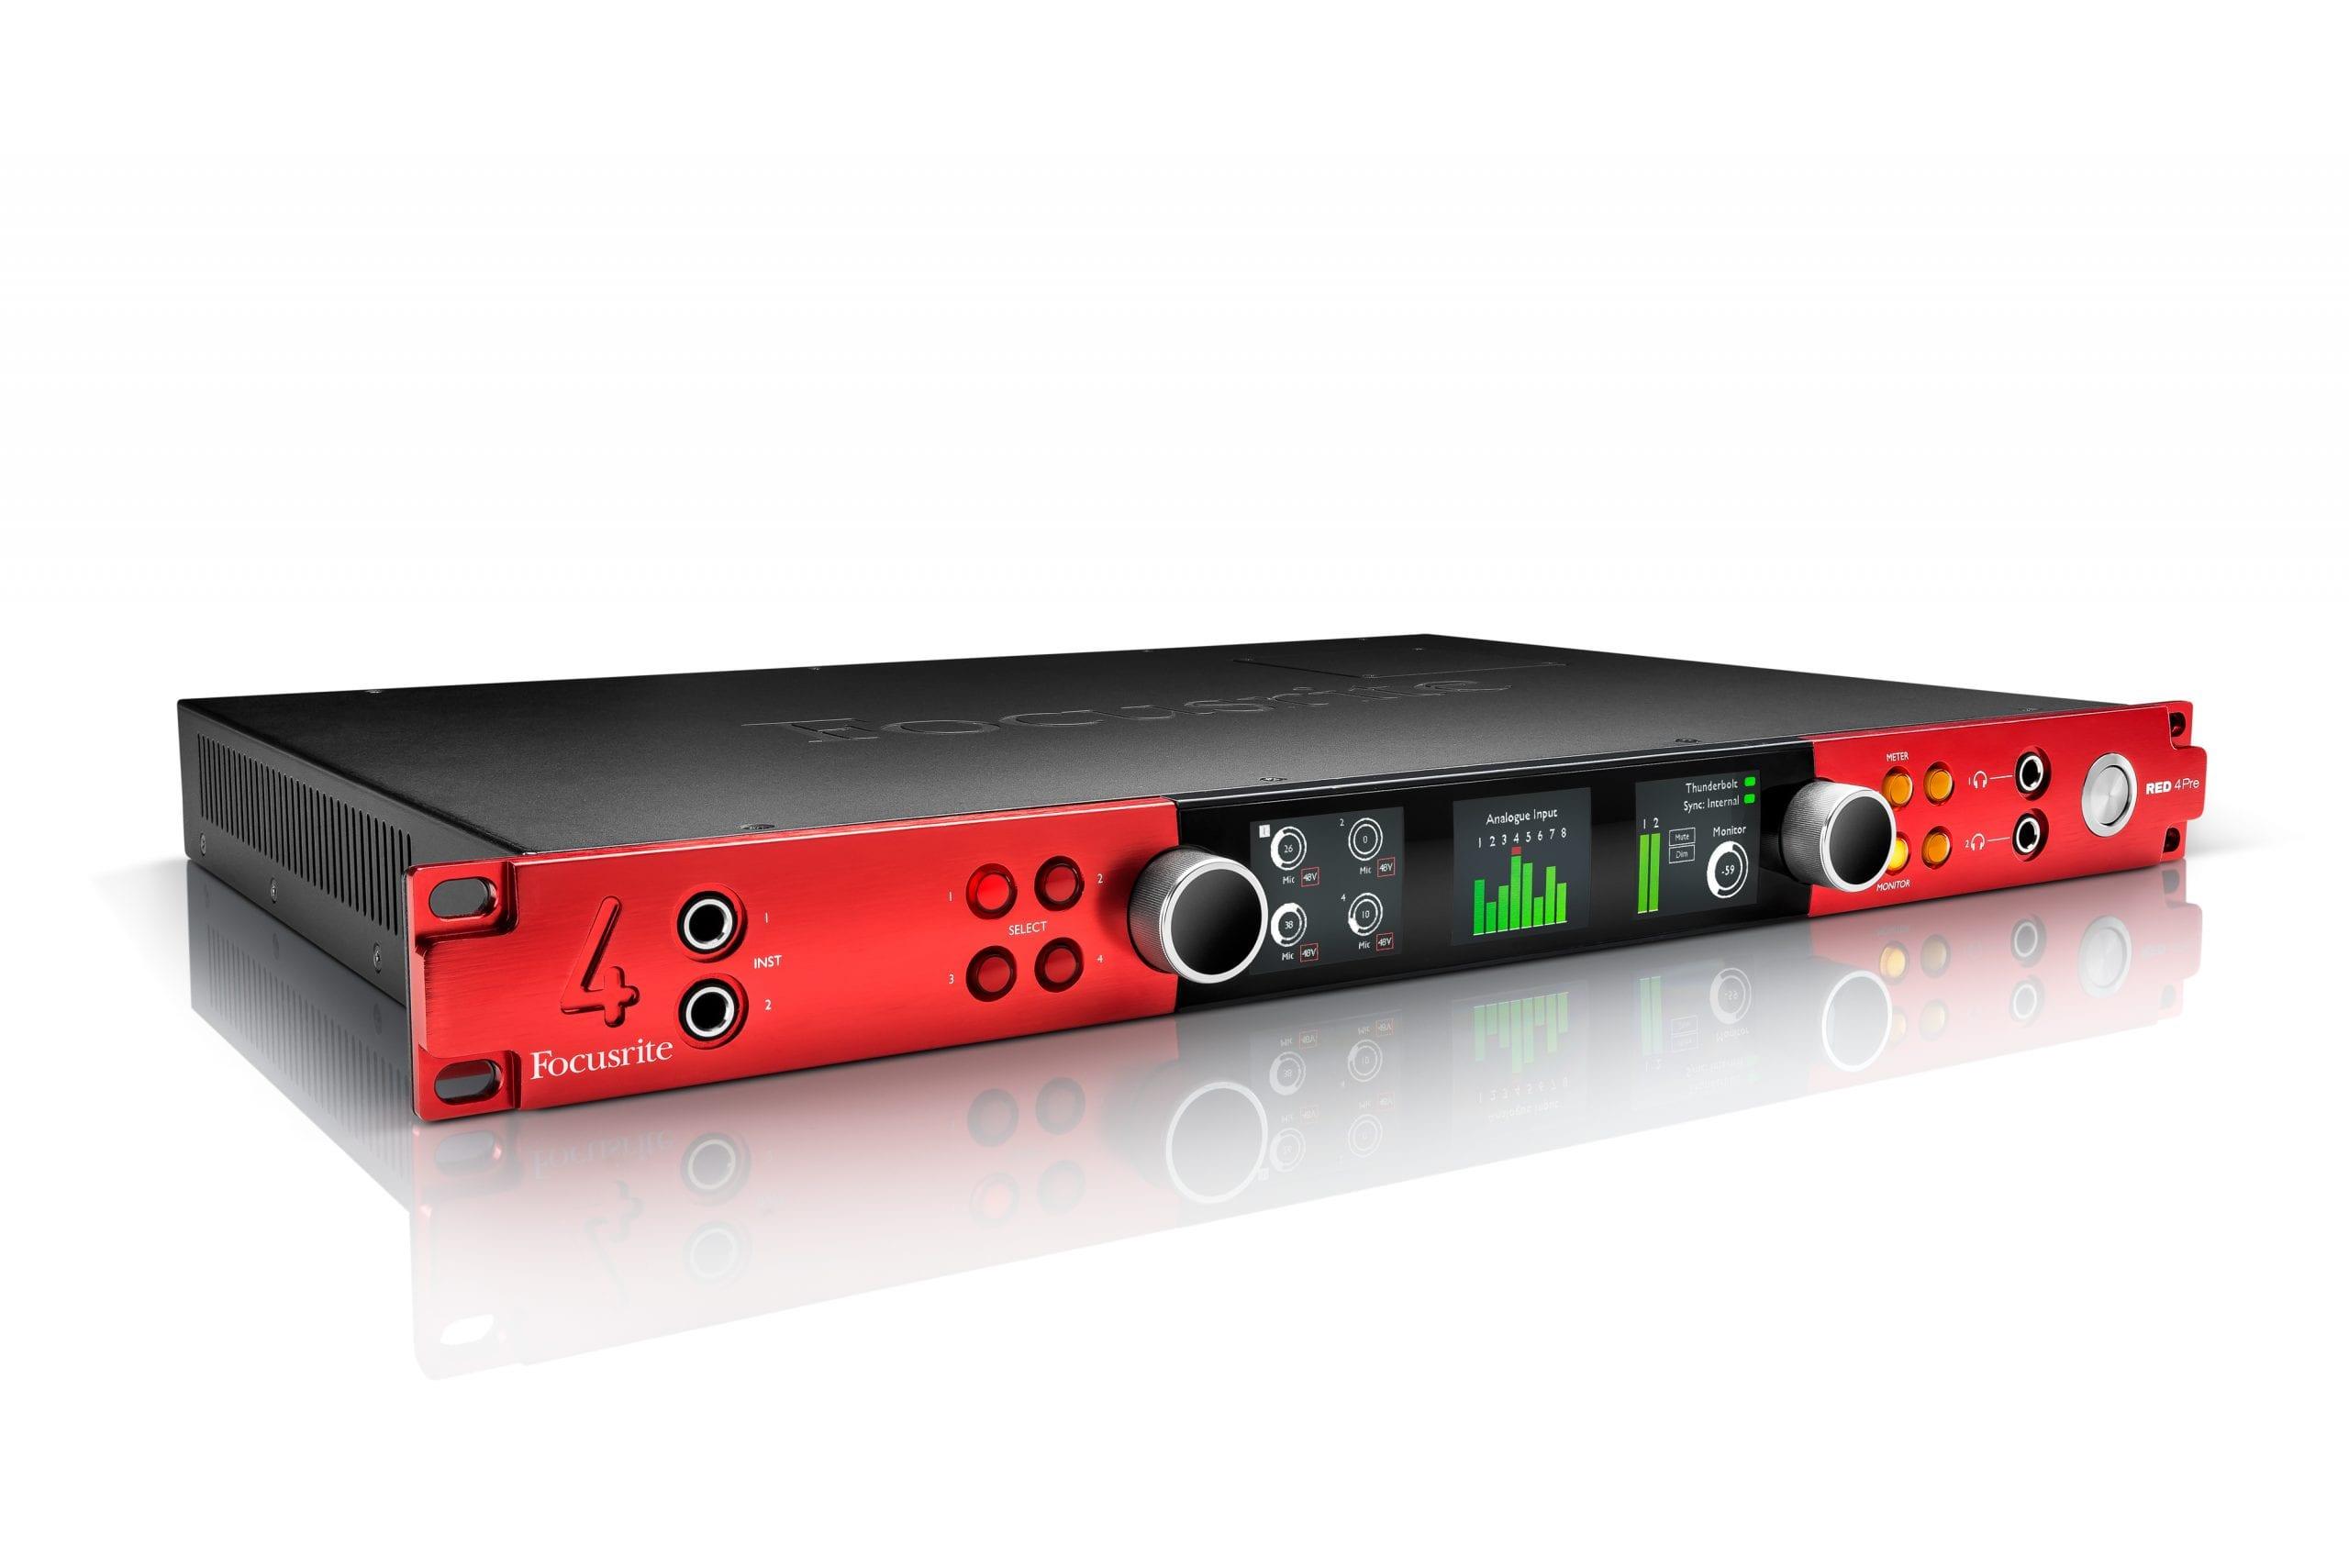 최고의 오디오인터페이스 Focusrite Red 4Pre